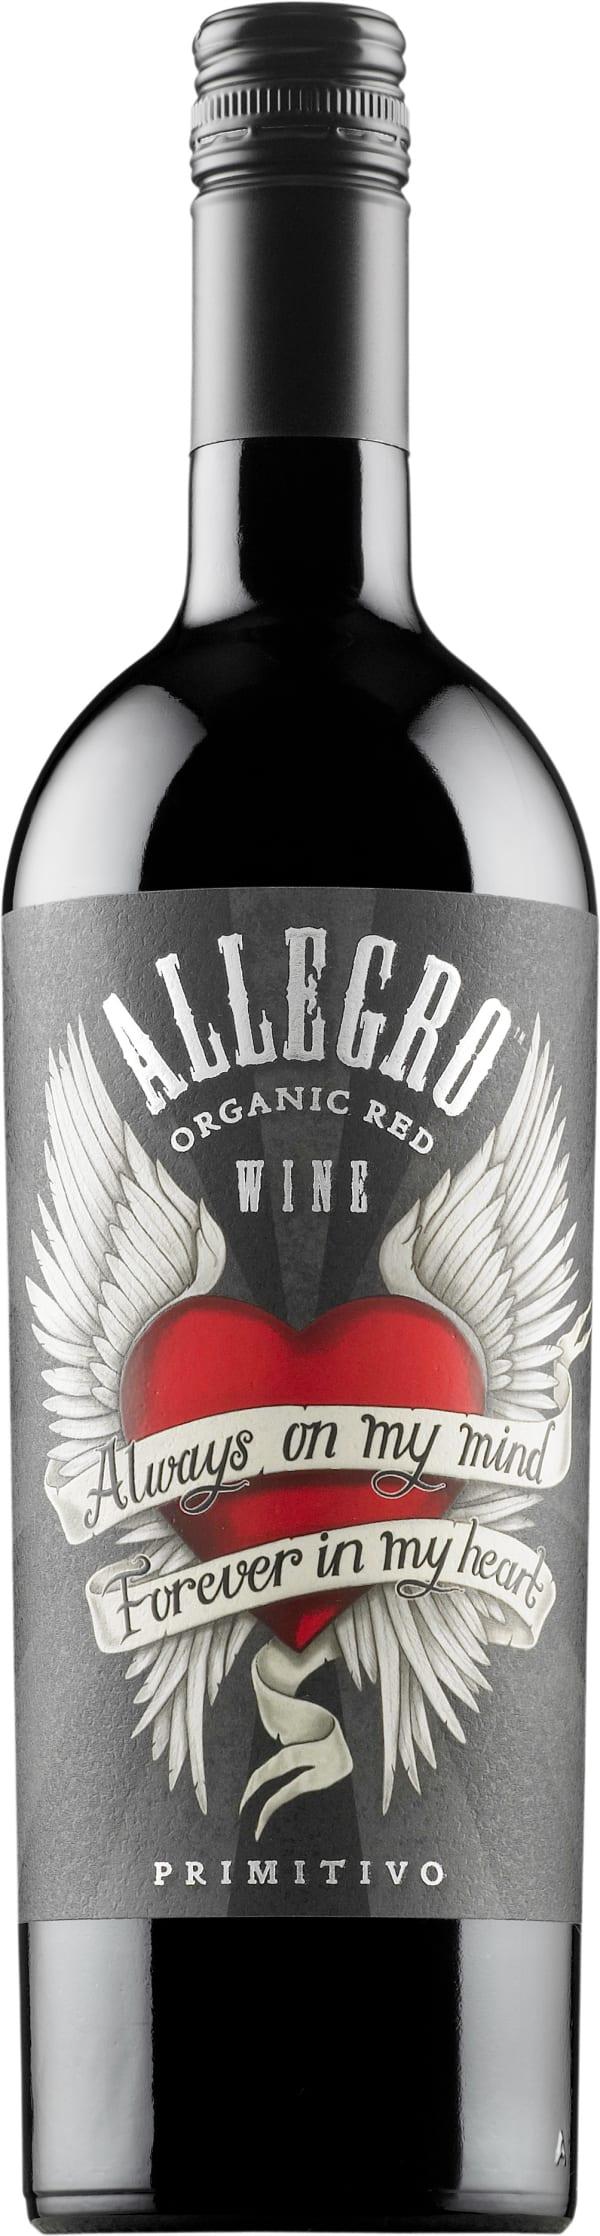 Allegro Organic Primitivo 2017